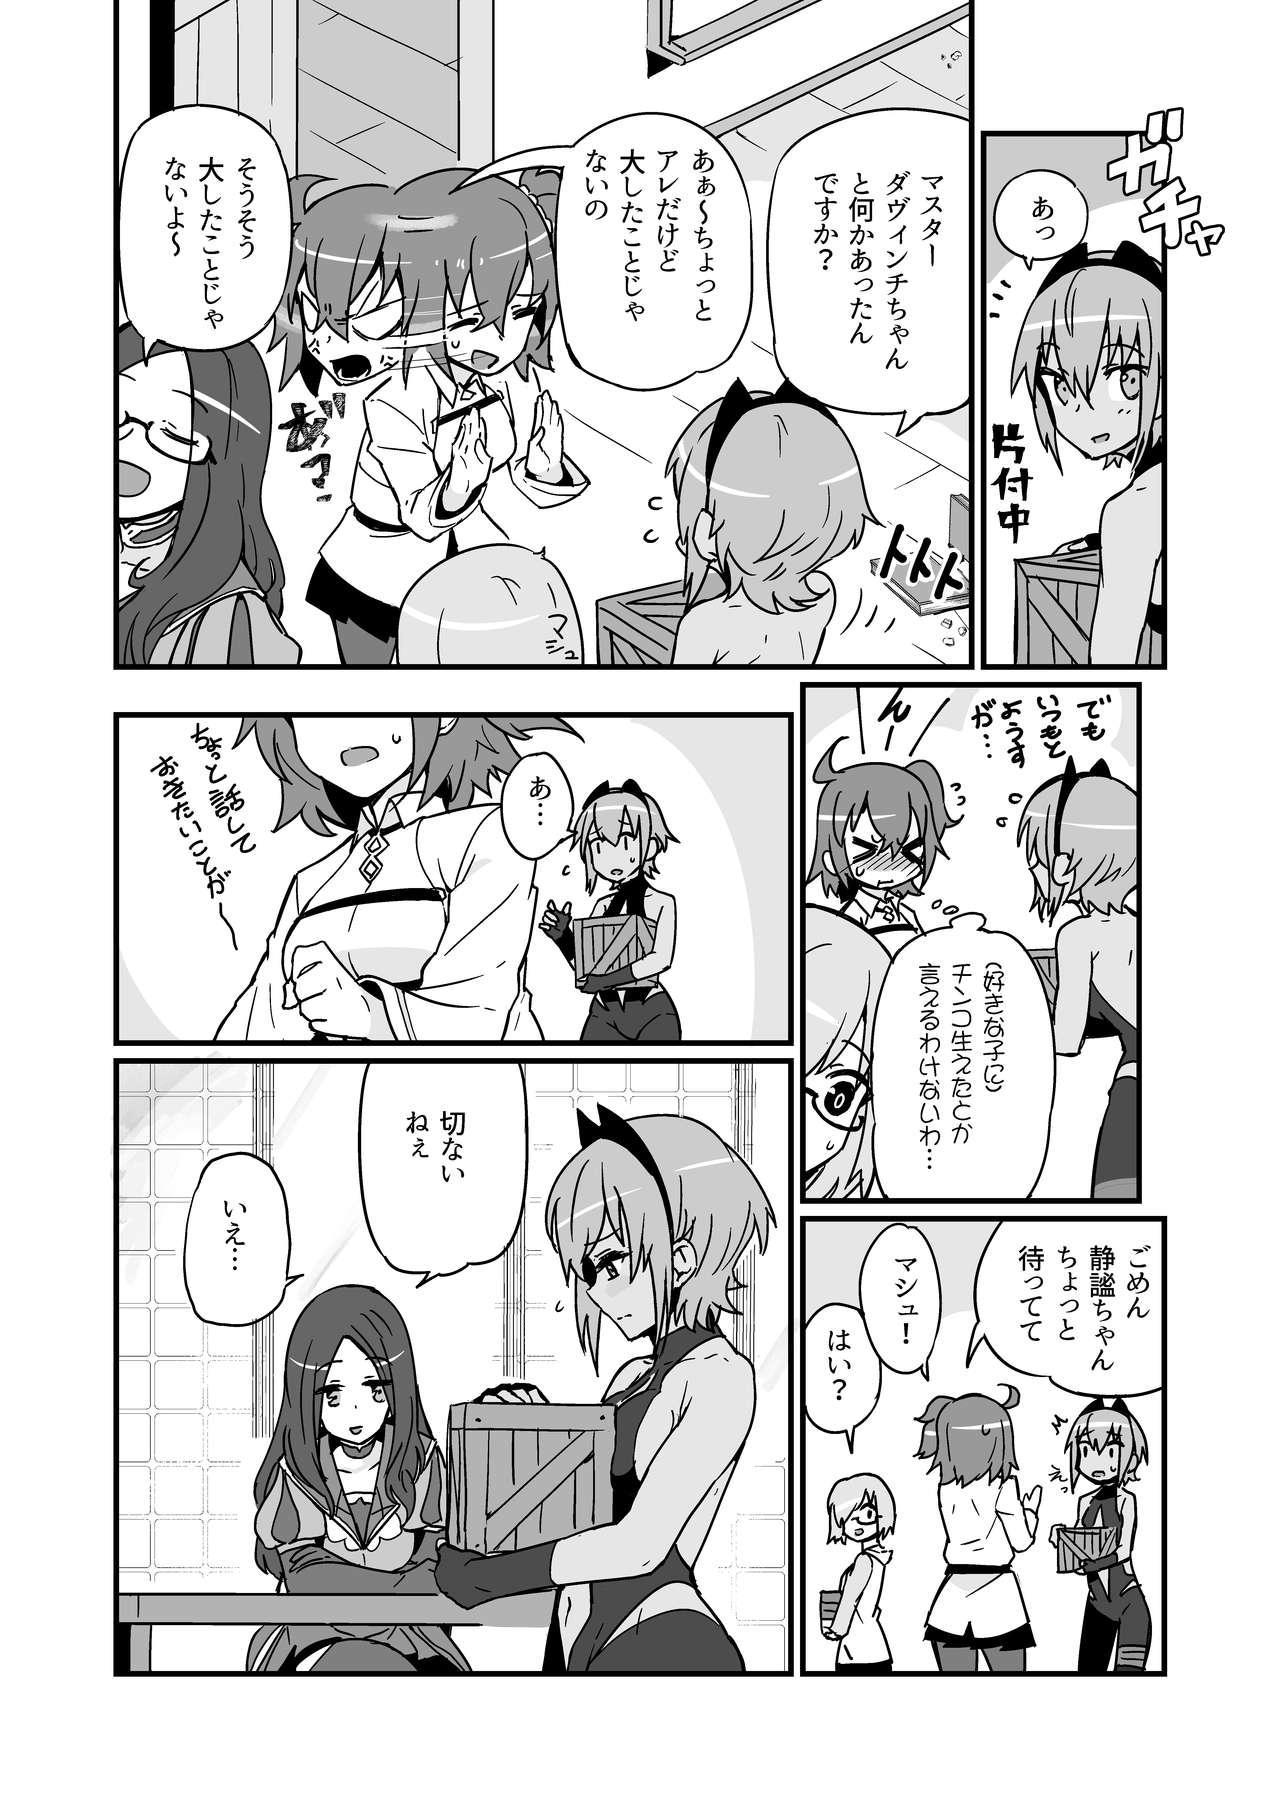 Seihitsu-chan wa Fureraretai 9